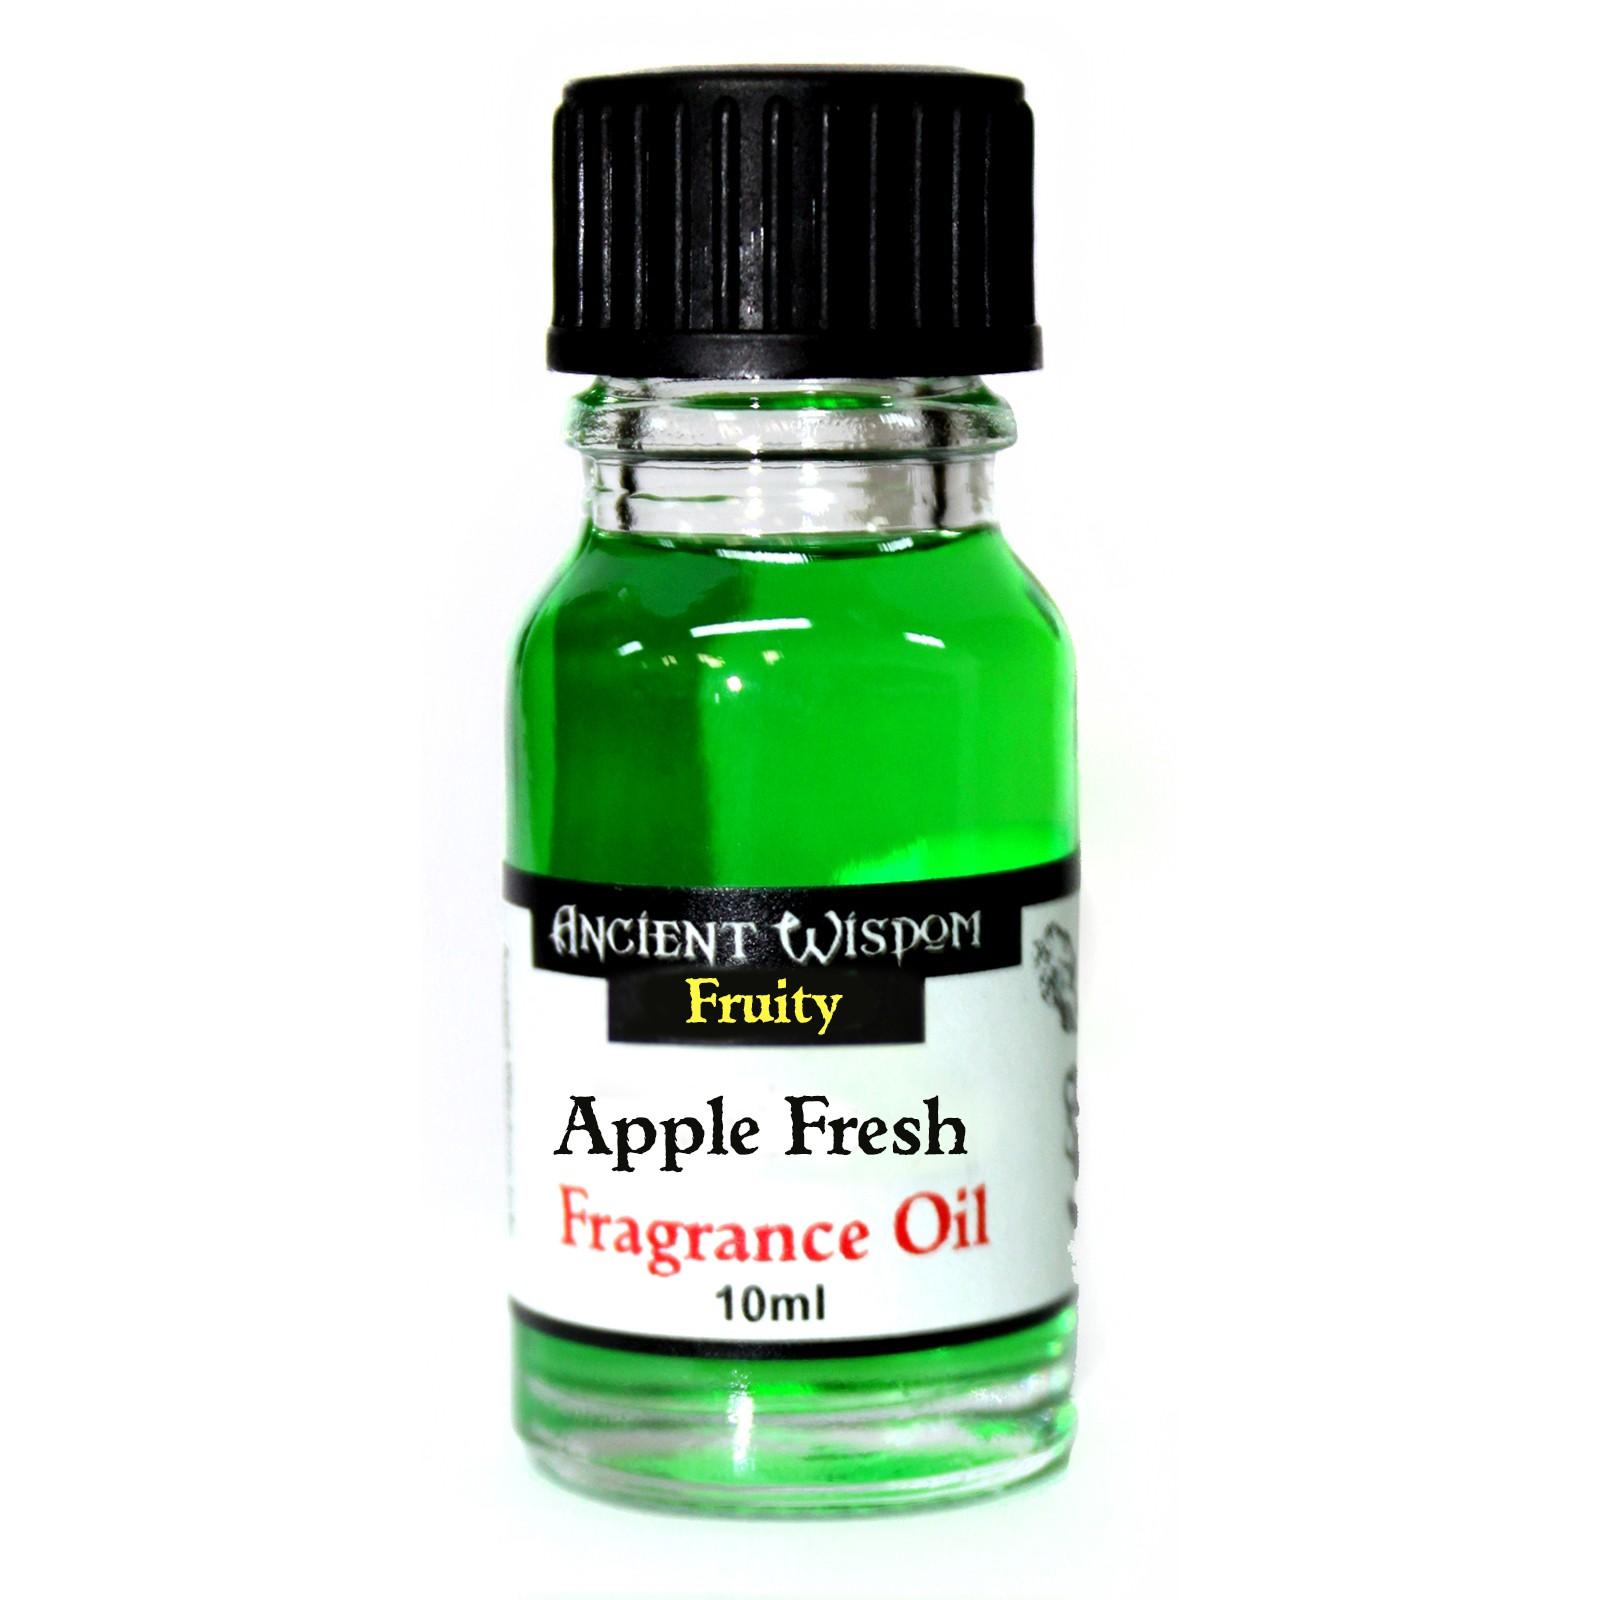 10ml AppleFresh Fragrance Oil